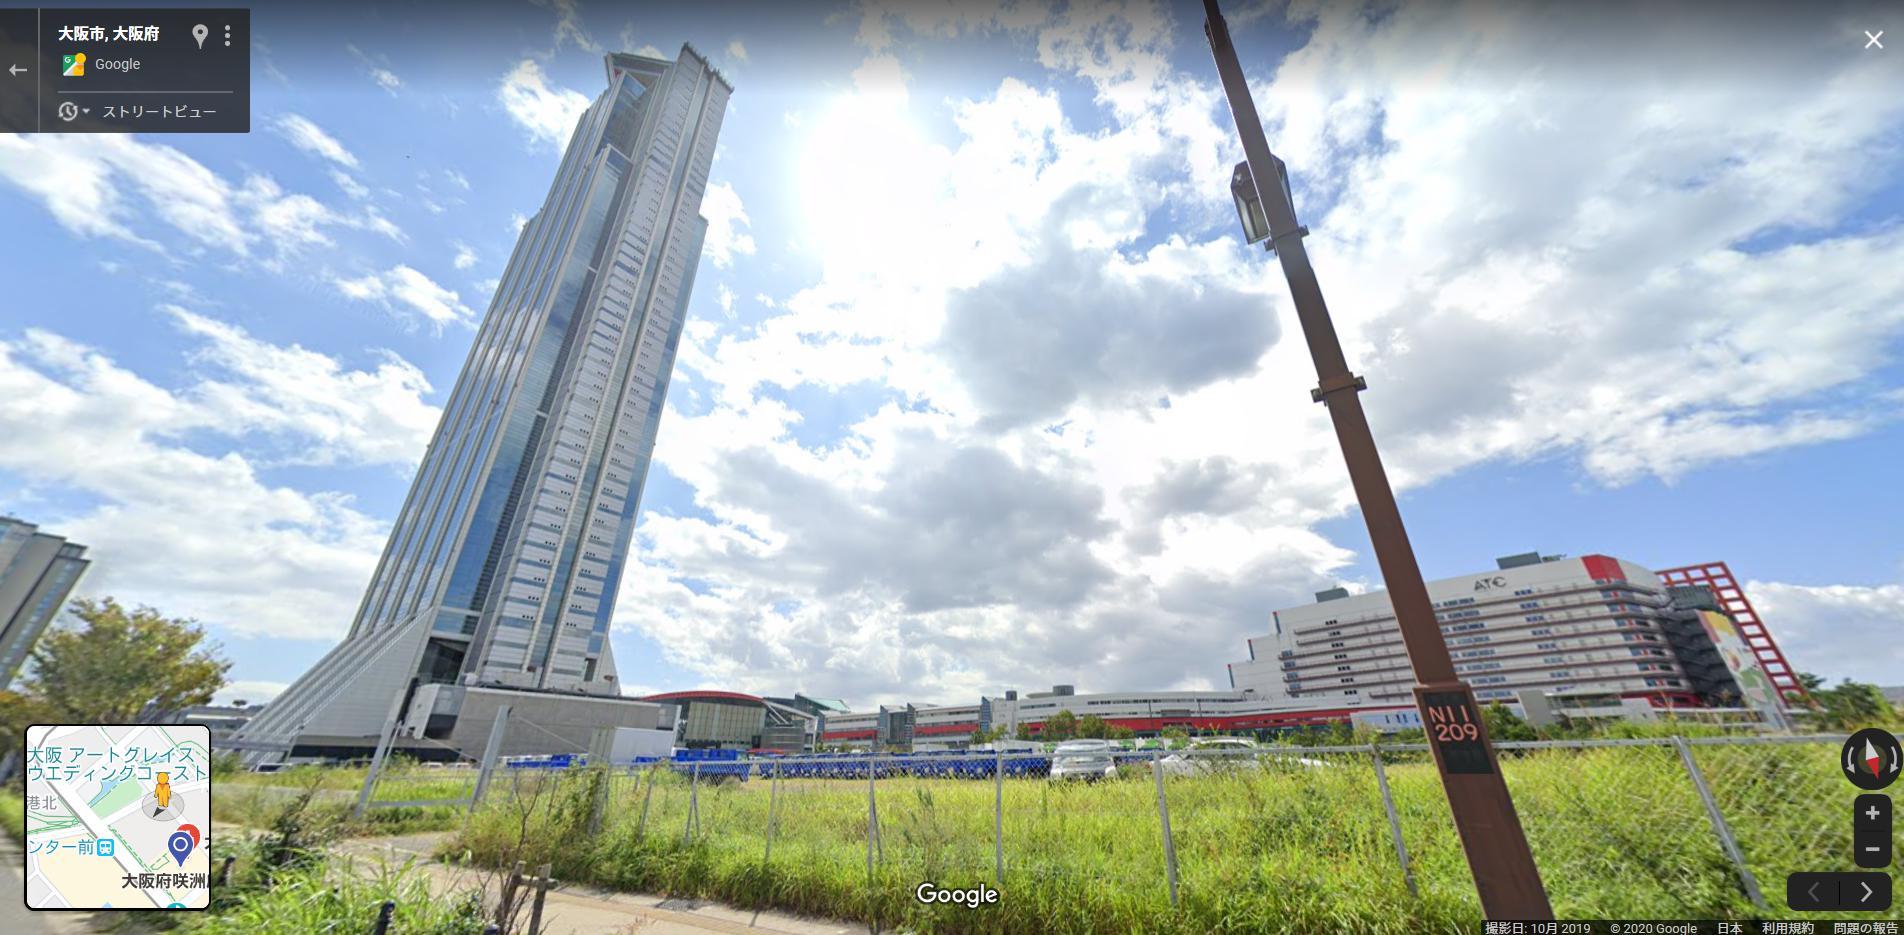 WTC(現・大阪府咲洲庁舎)の周りは空き地が多い